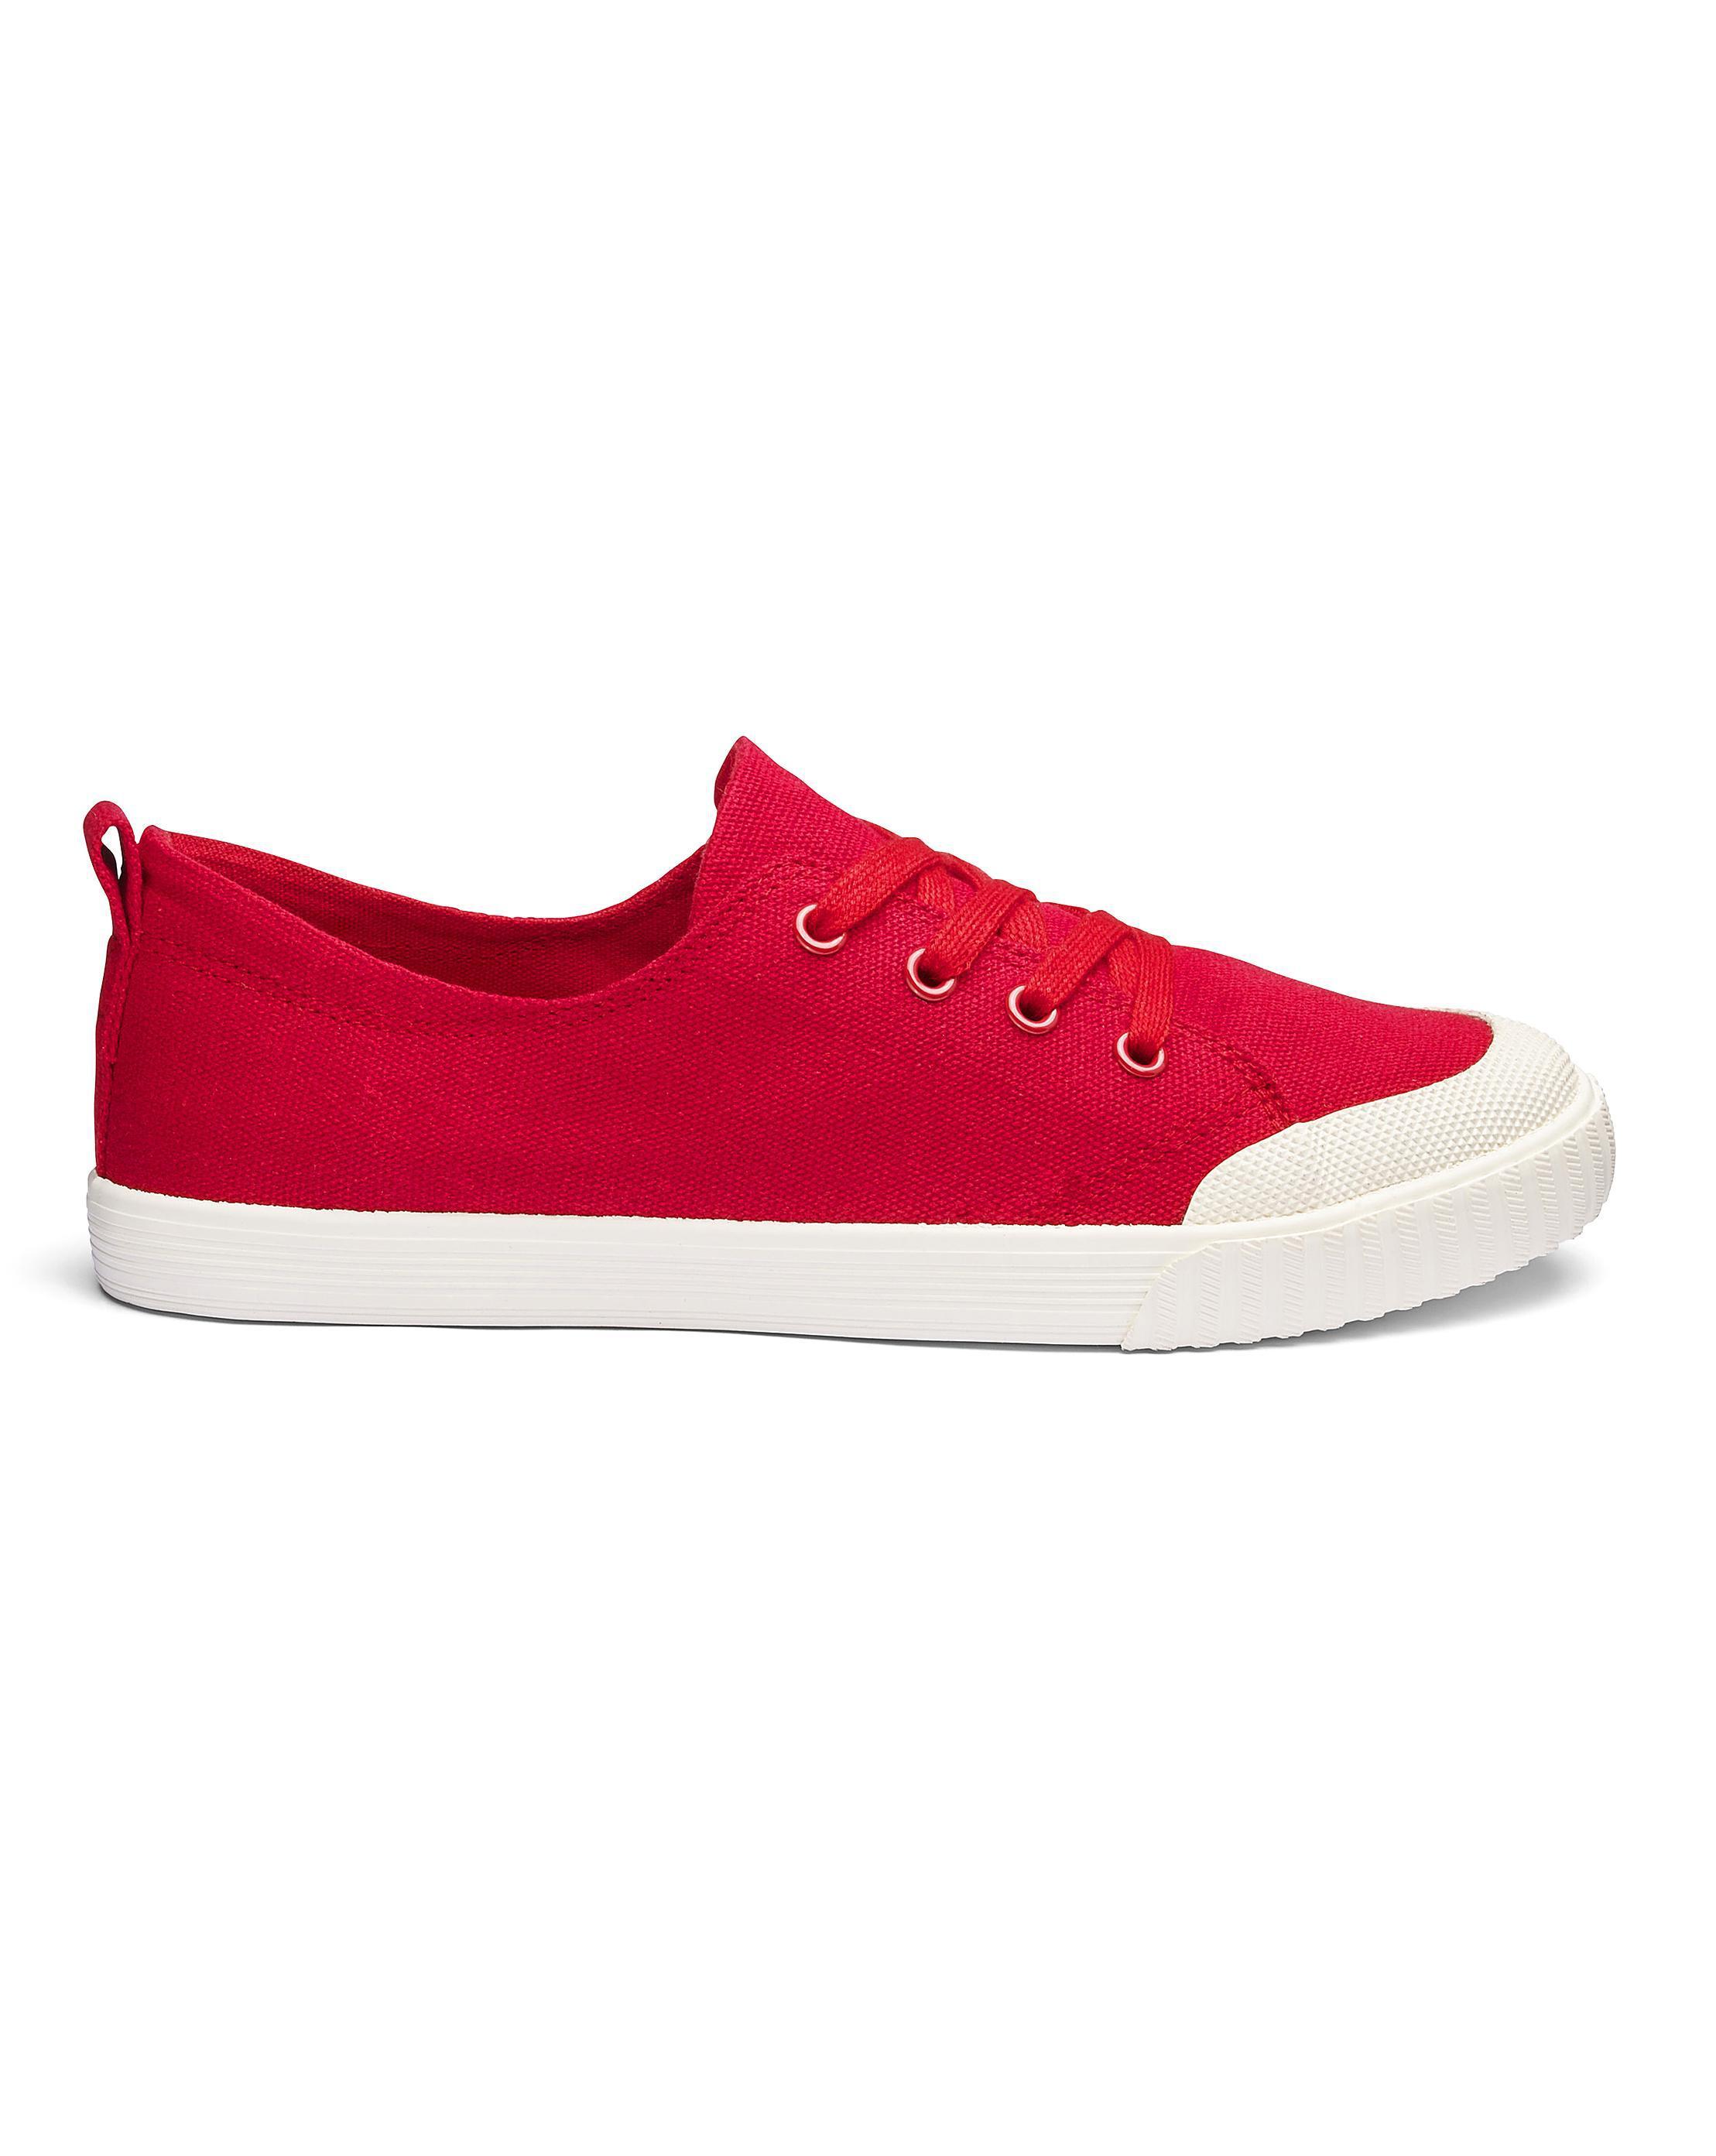 top quality for sale Heavenly Soles Canvas Shoes cheap sale outlet store EZl3HDKE2M